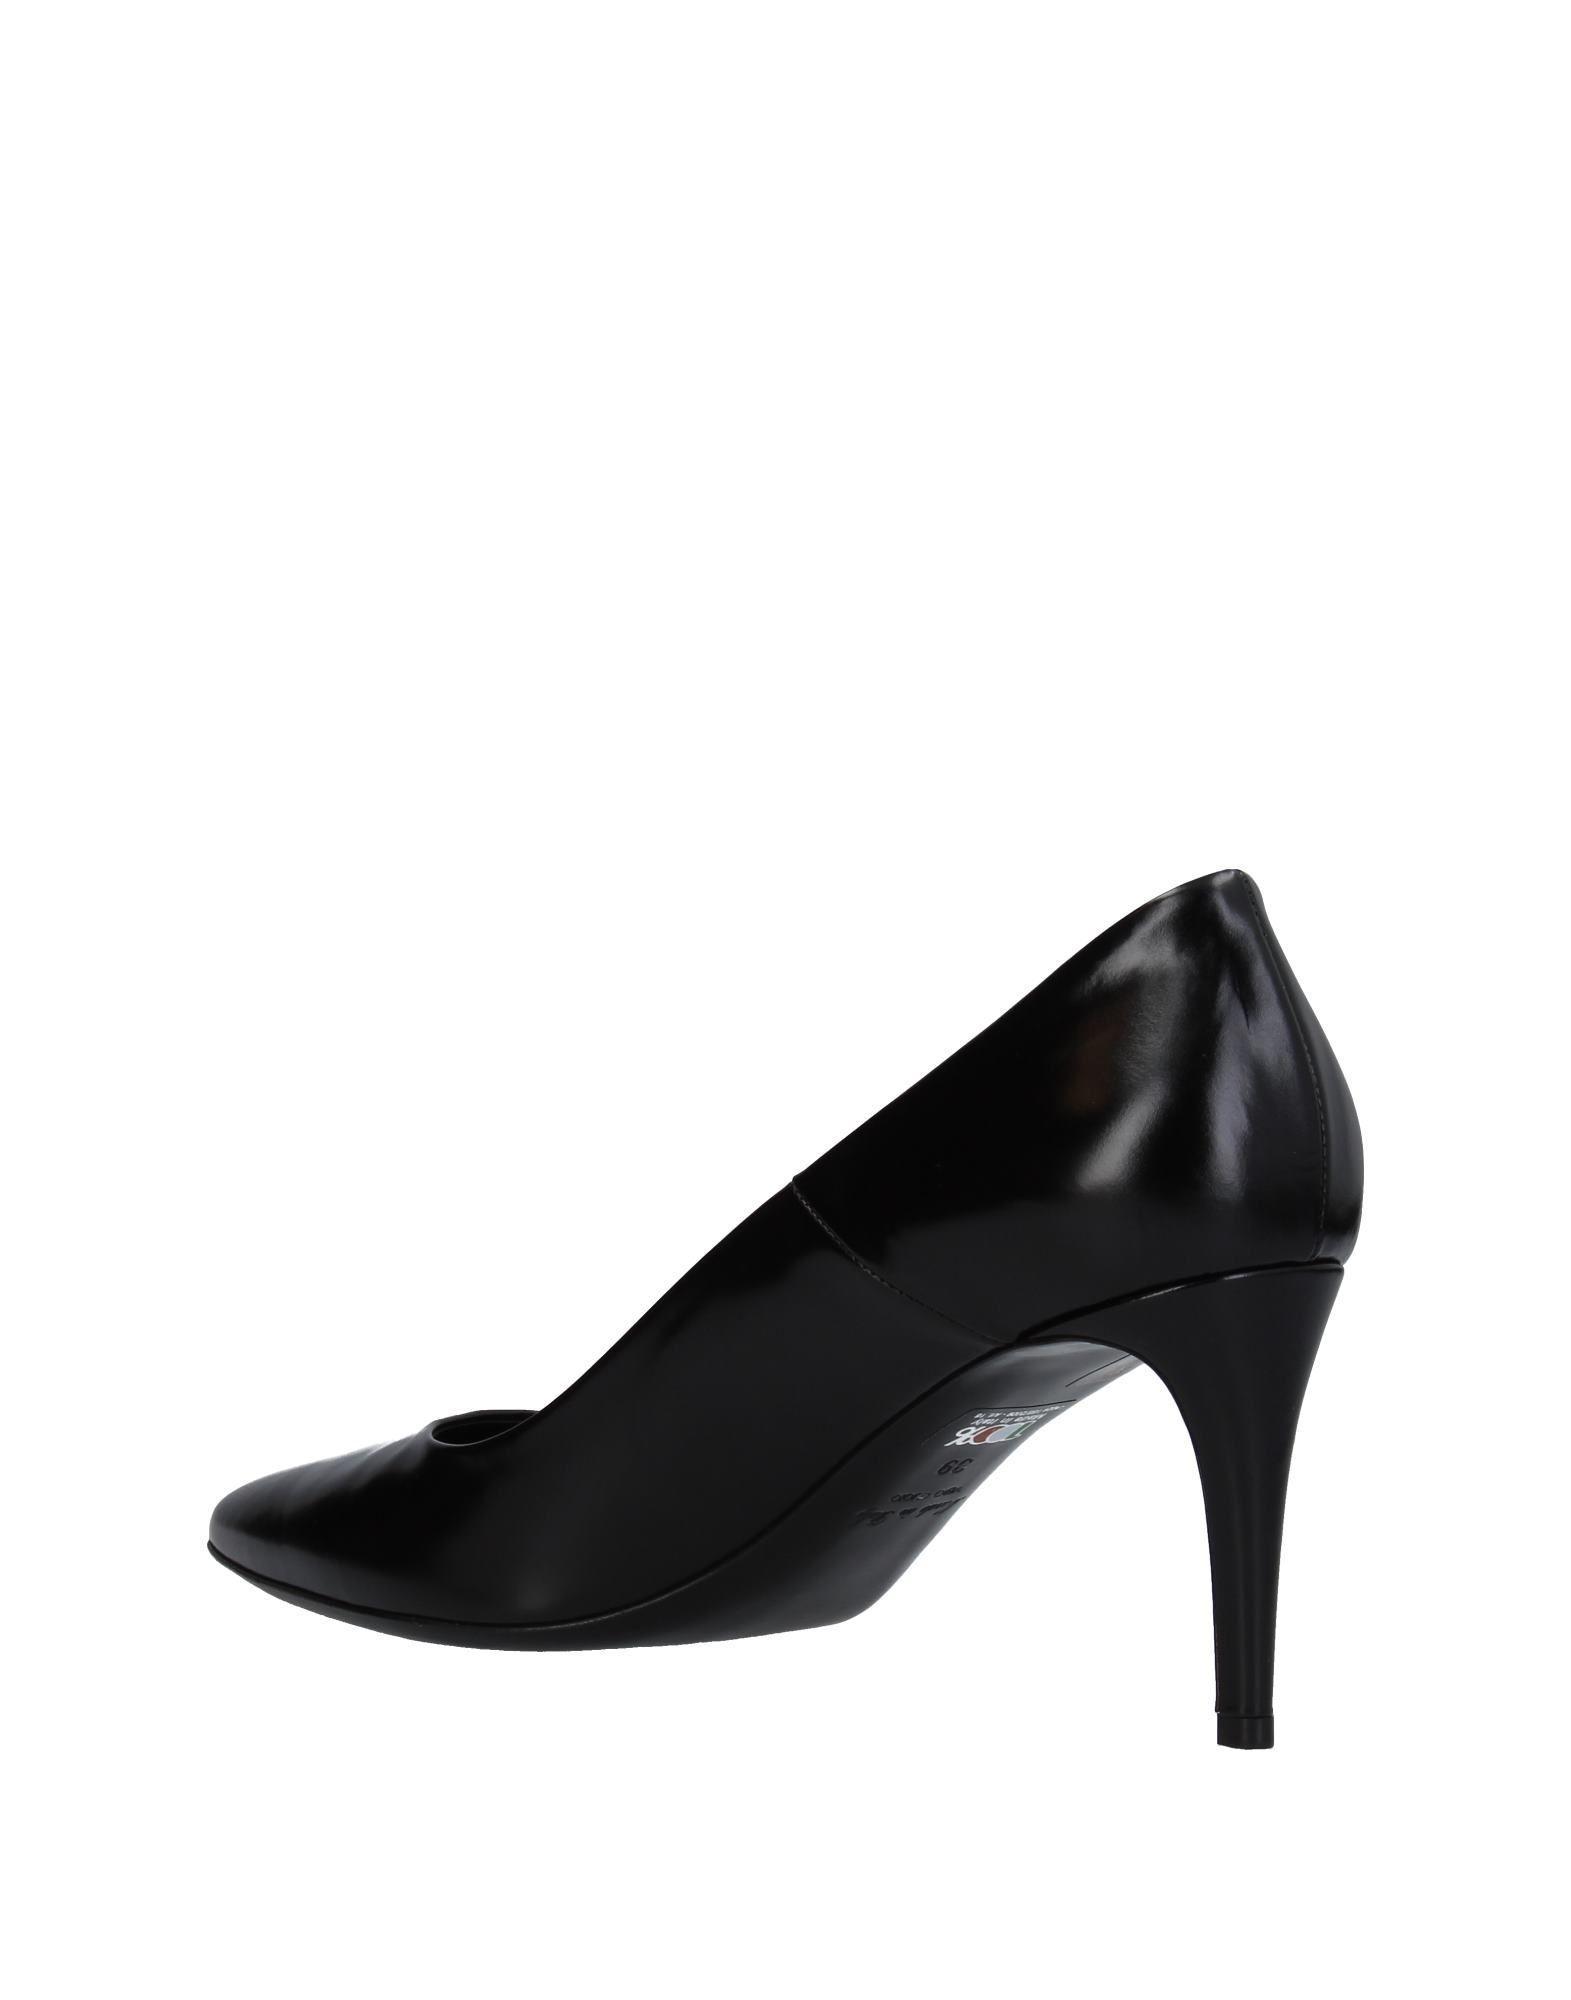 Zapatos de salón Maria Cristina de Cuero de color Negro